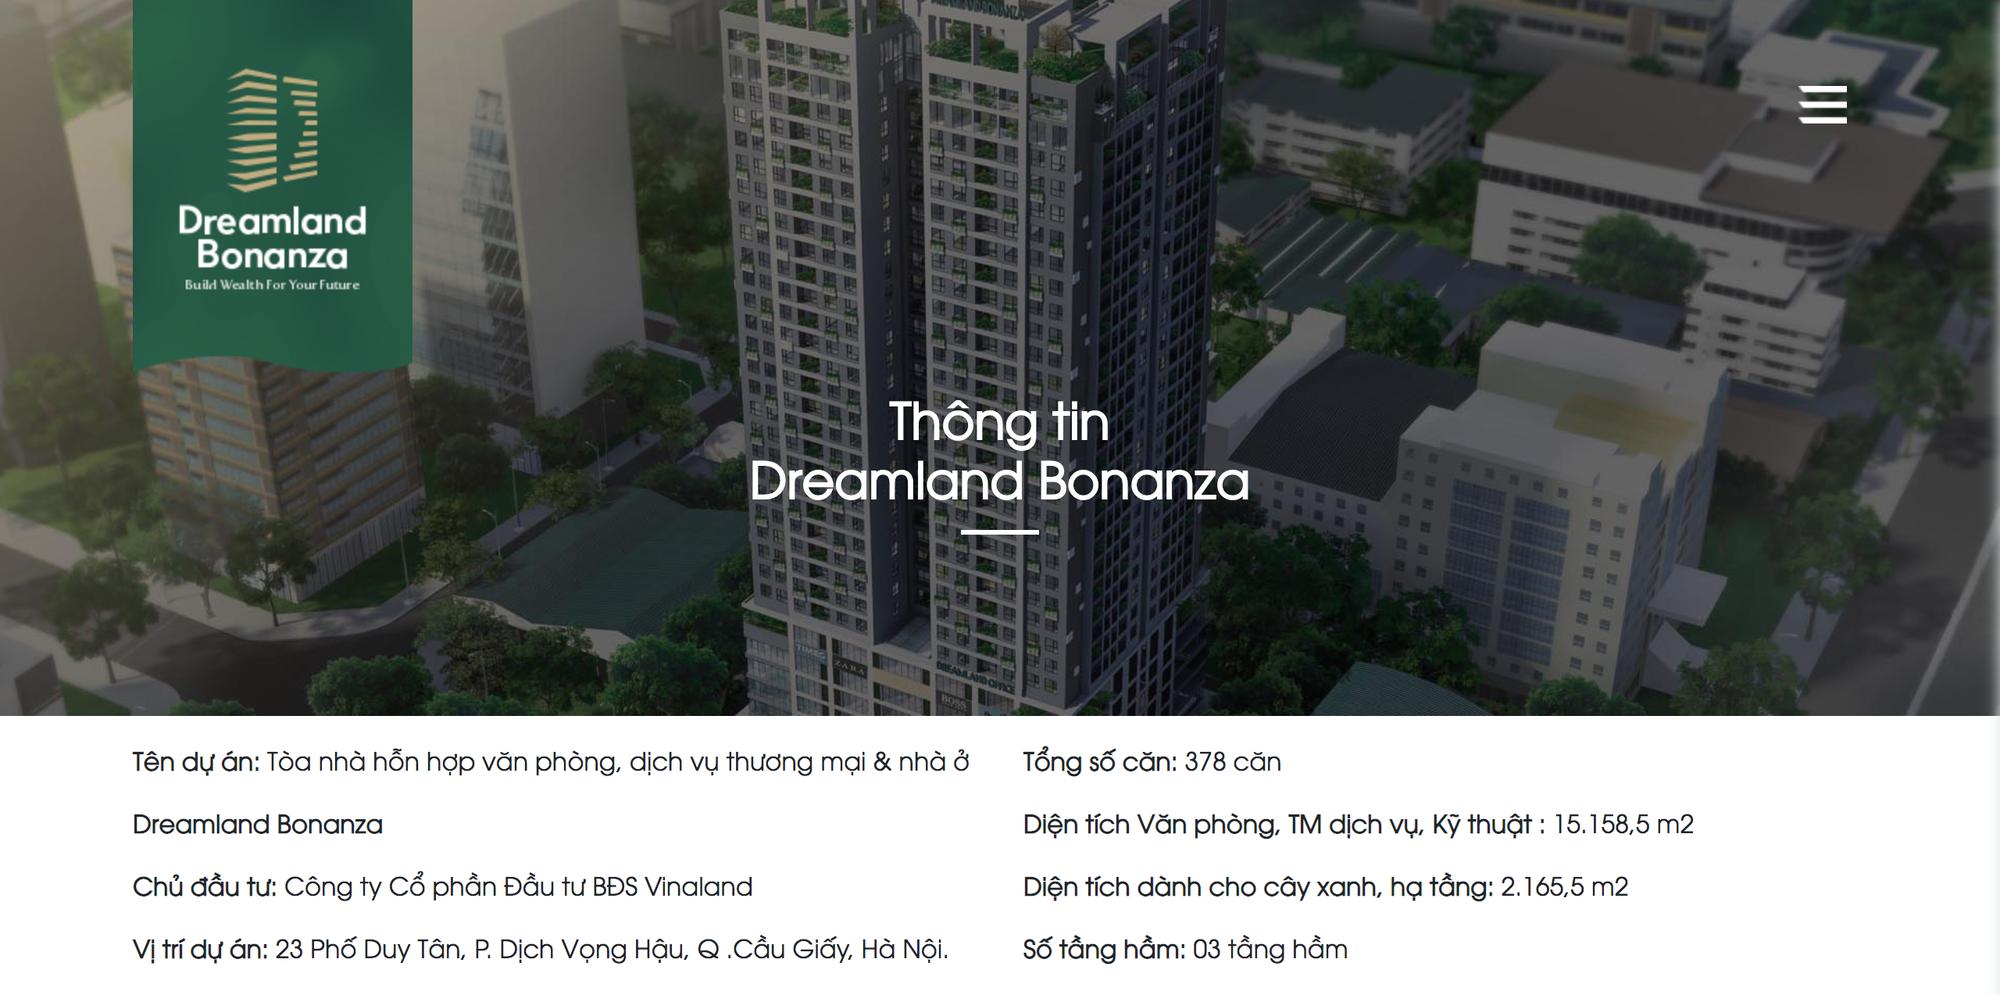 Dự án Dreamland Bonanza đang mở bán: Toà chung cư hiếm hoi ở 'khu phố Wall' của Việt Nam - Ảnh 9.